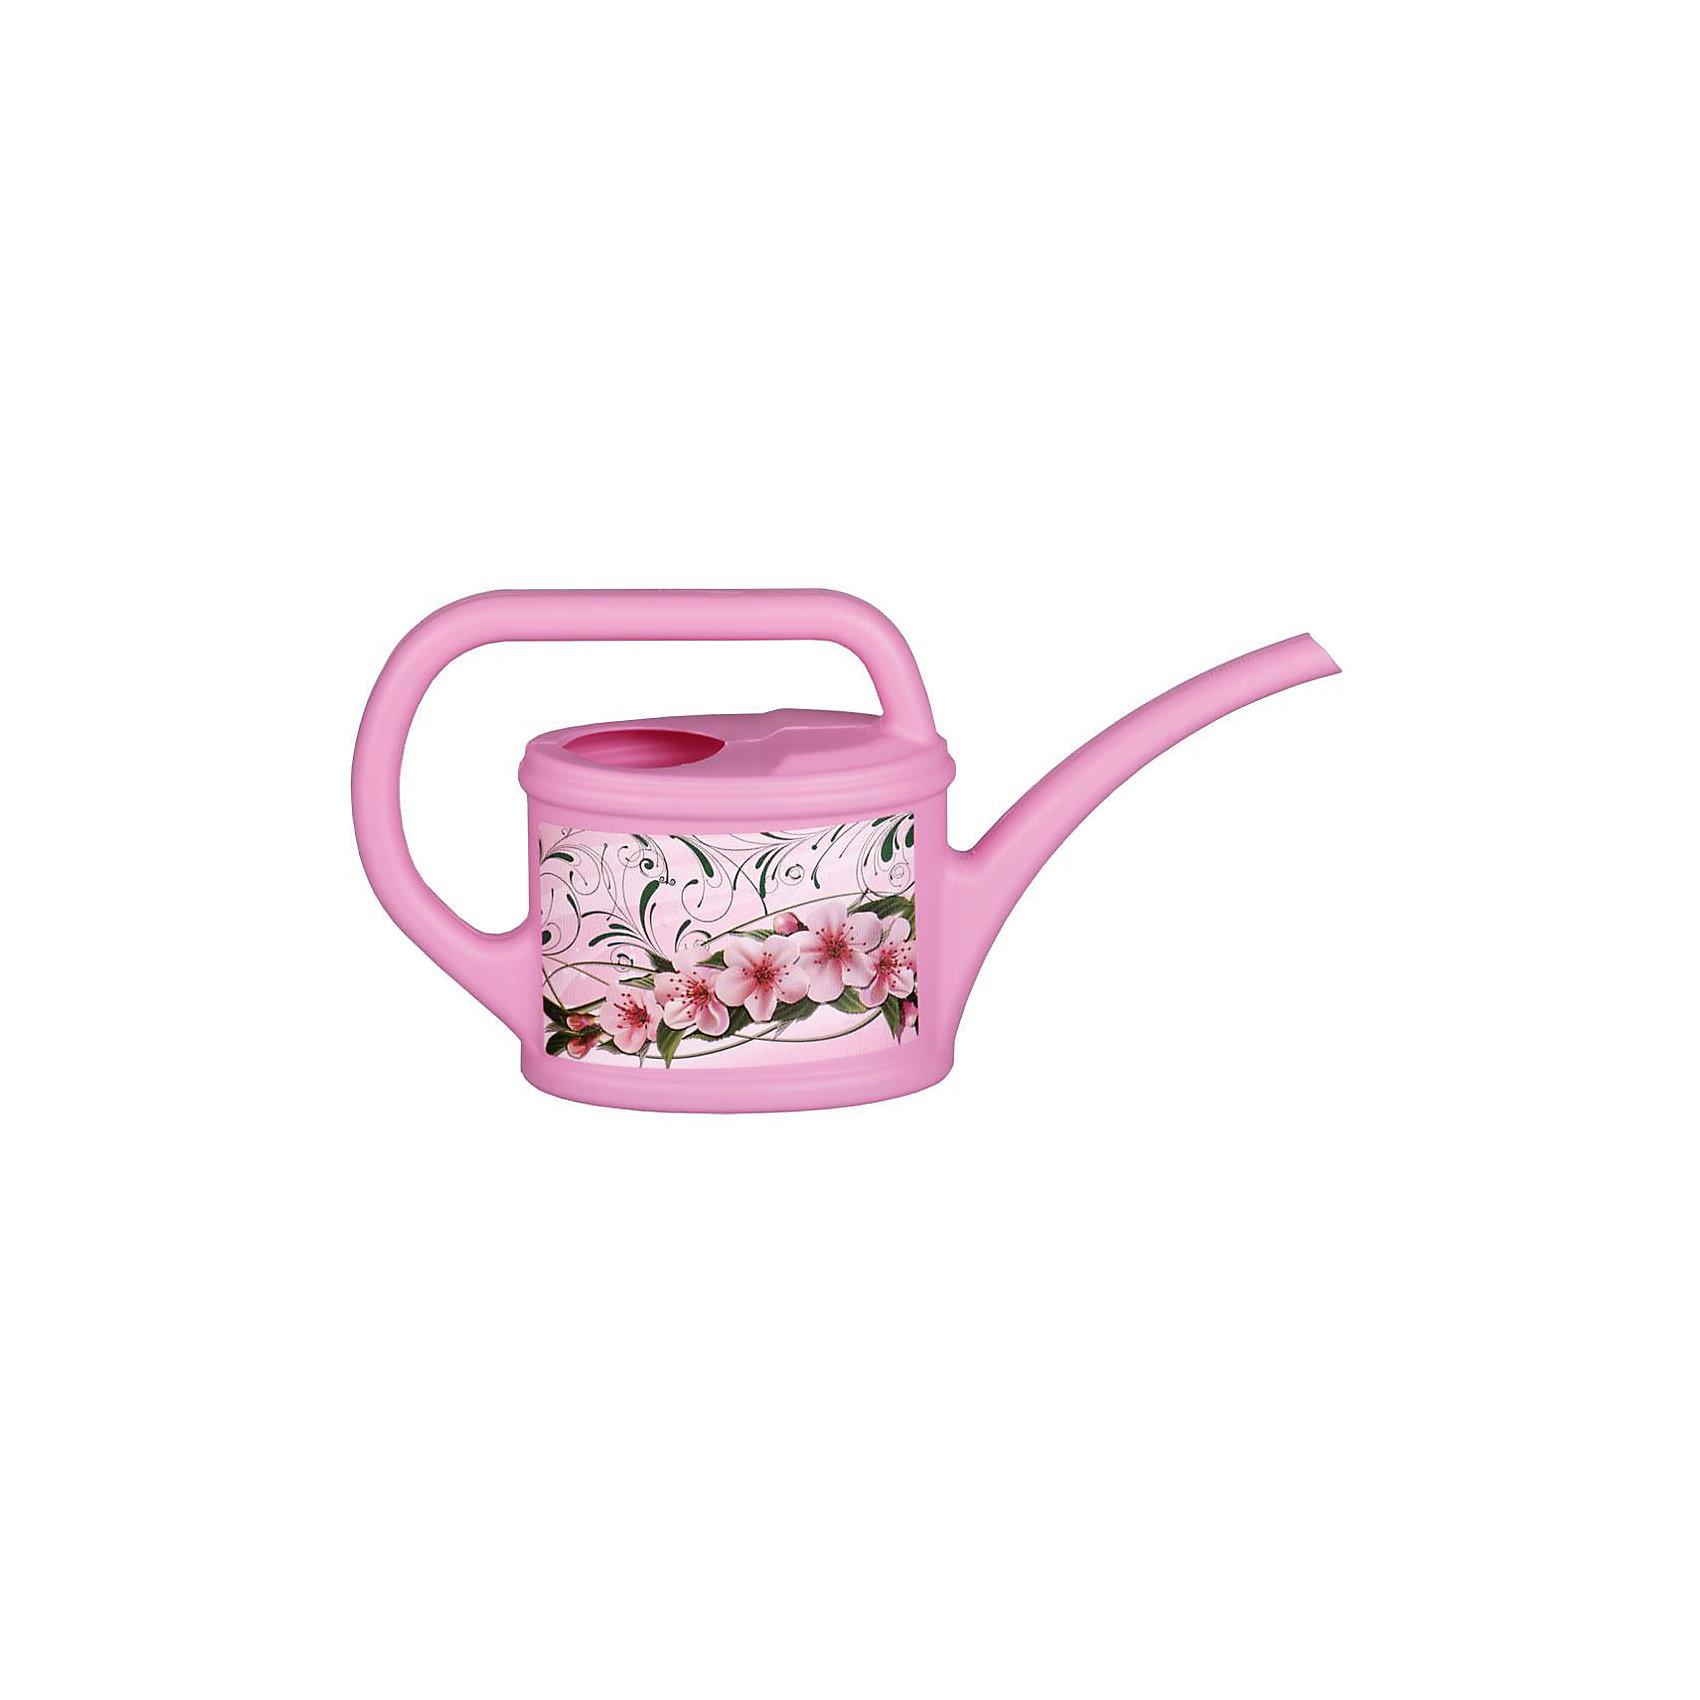 Лейка детская Декор 0,4л. ,  Alternativa, розовыйОчаровательная лейка Декор изготовлена из качественного пластика, имеет удобную ручку и длинный носик. На лейке изображены красивые цветы. С этой лейкой ребенку будет очень интересно поливать цветы дома или помогать на даче!<br><br>Дополнительная информация:<br>Материал: пластик<br>Цвет: розовый<br>Объем: 0,4 л<br>Размеры: 24х6,5х14 см<br><br>Лейку Декор можно приобрести в нашем интернет-магазине.<br><br>Ширина мм: 240<br>Глубина мм: 65<br>Высота мм: 140<br>Вес г: 59<br>Возраст от месяцев: 36<br>Возраст до месяцев: 144<br>Пол: Унисекс<br>Возраст: Детский<br>SKU: 4979753